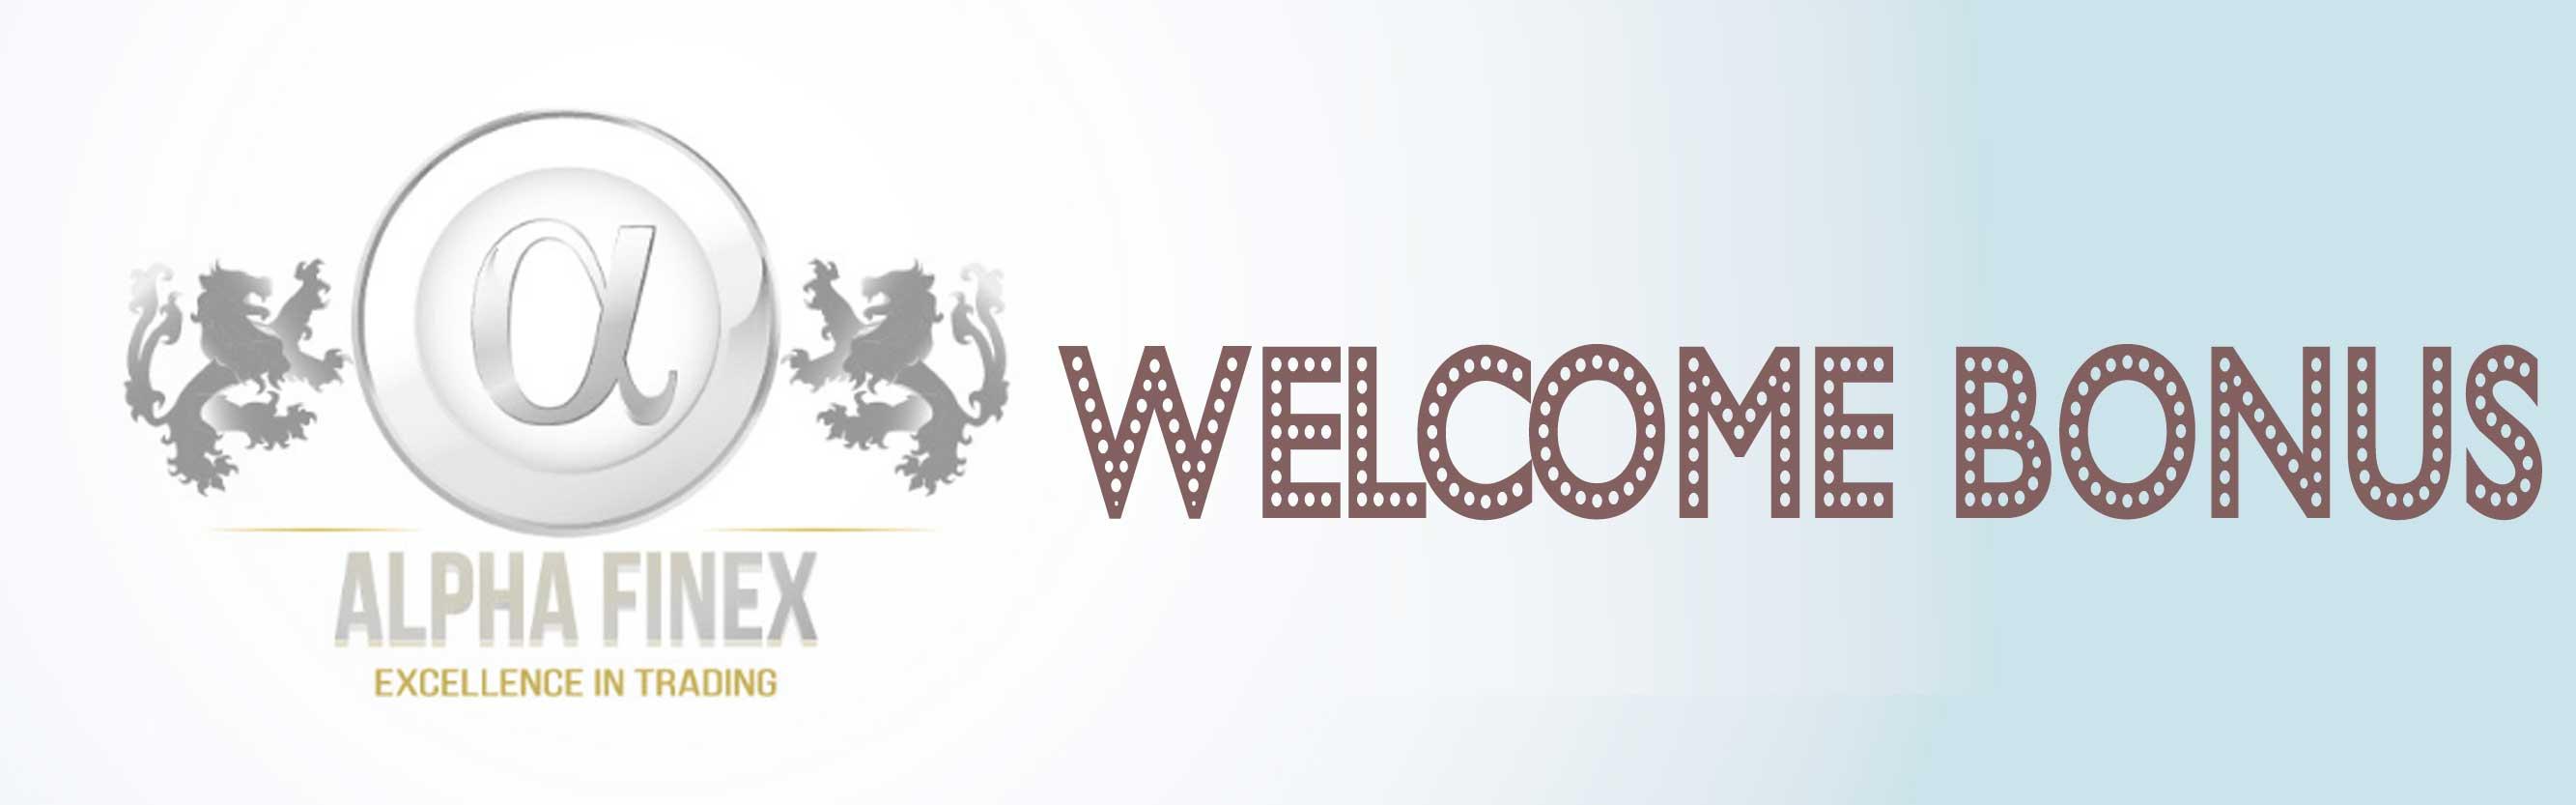 AlphaFinex Welcome Bonus